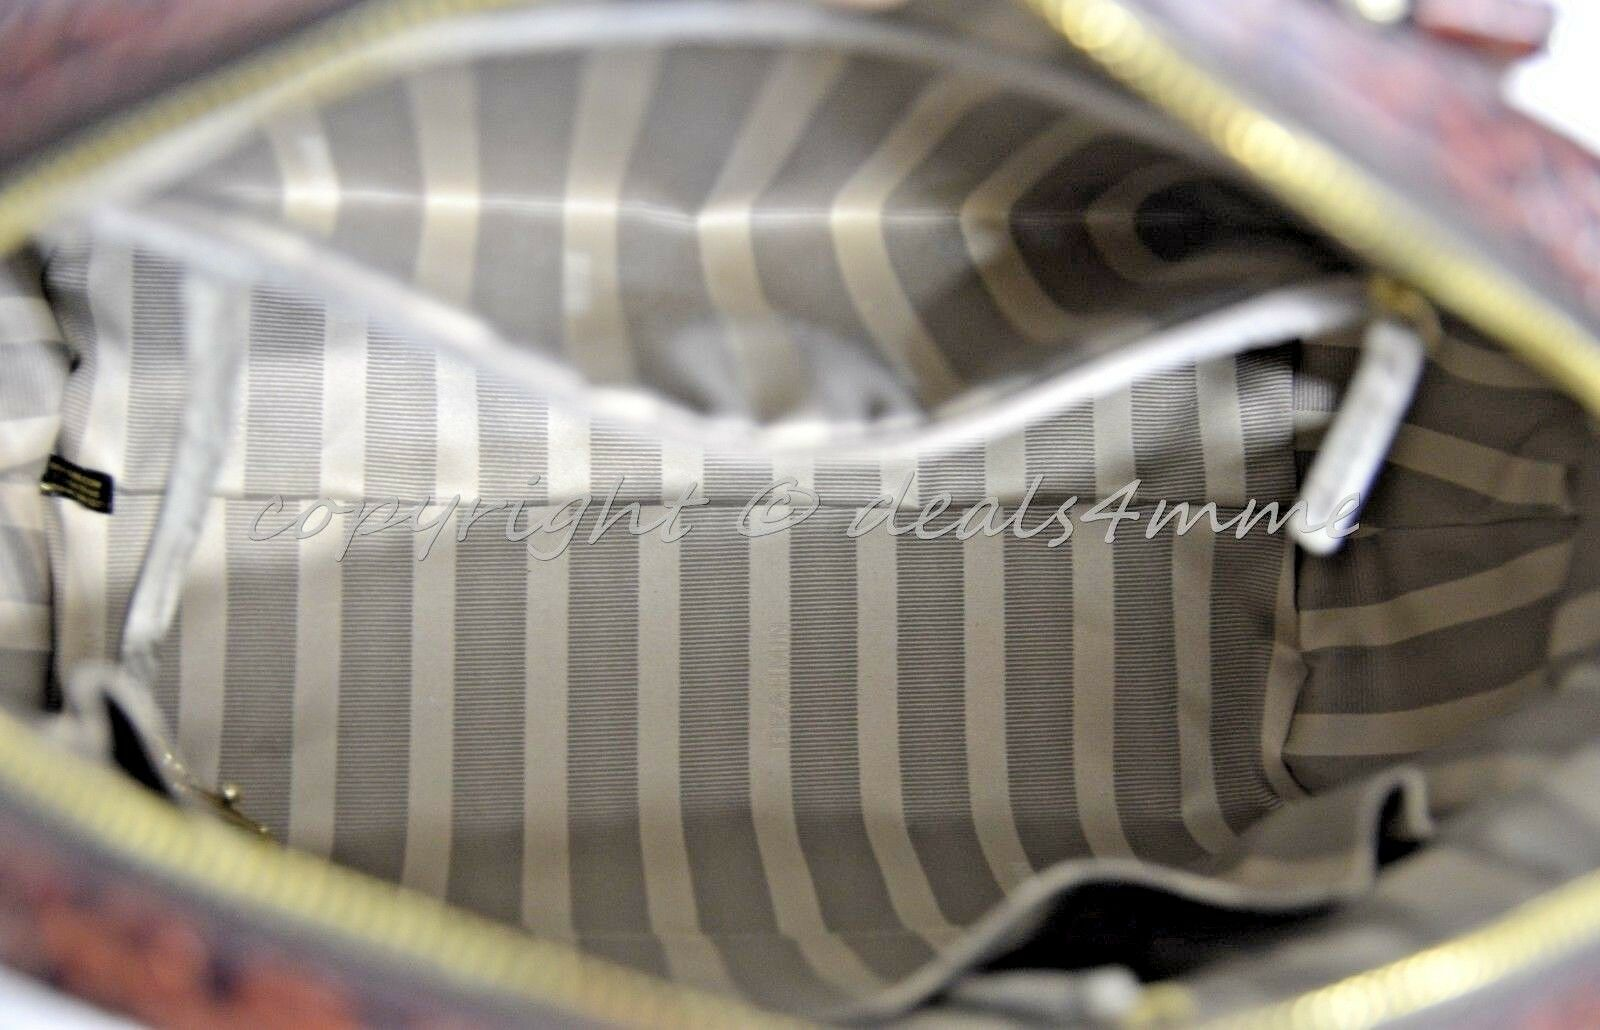 NWT Brahmin Hudson Satchel/Shoulder Bag in Linen Tri-Texture Beige, Pecan & Teal image 5